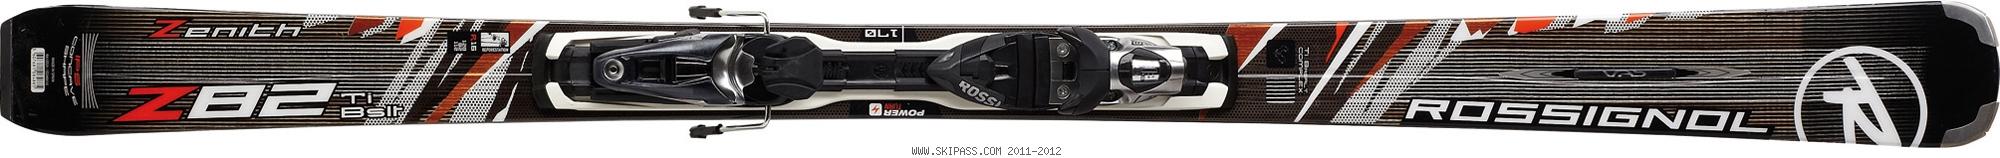 Rossignol Zenith Z82 Ti BASALT TPX